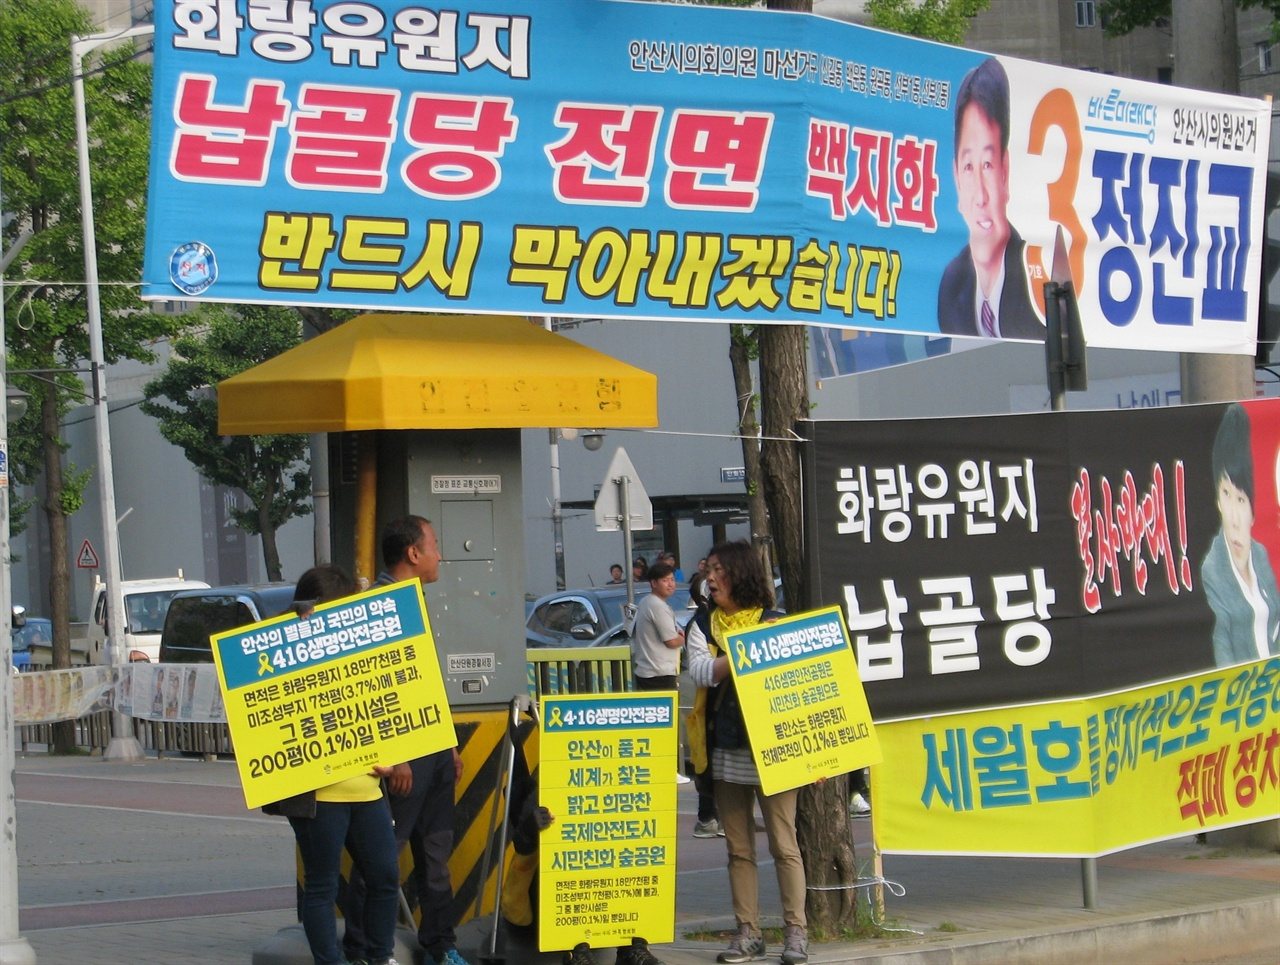 세월호 추모공원을 '납골당'으로 표기한 보수 야당 후보자들의 홍보물 앞에서 진실 알리기 캠페인을 펼치고 있는 세월호 유가족들